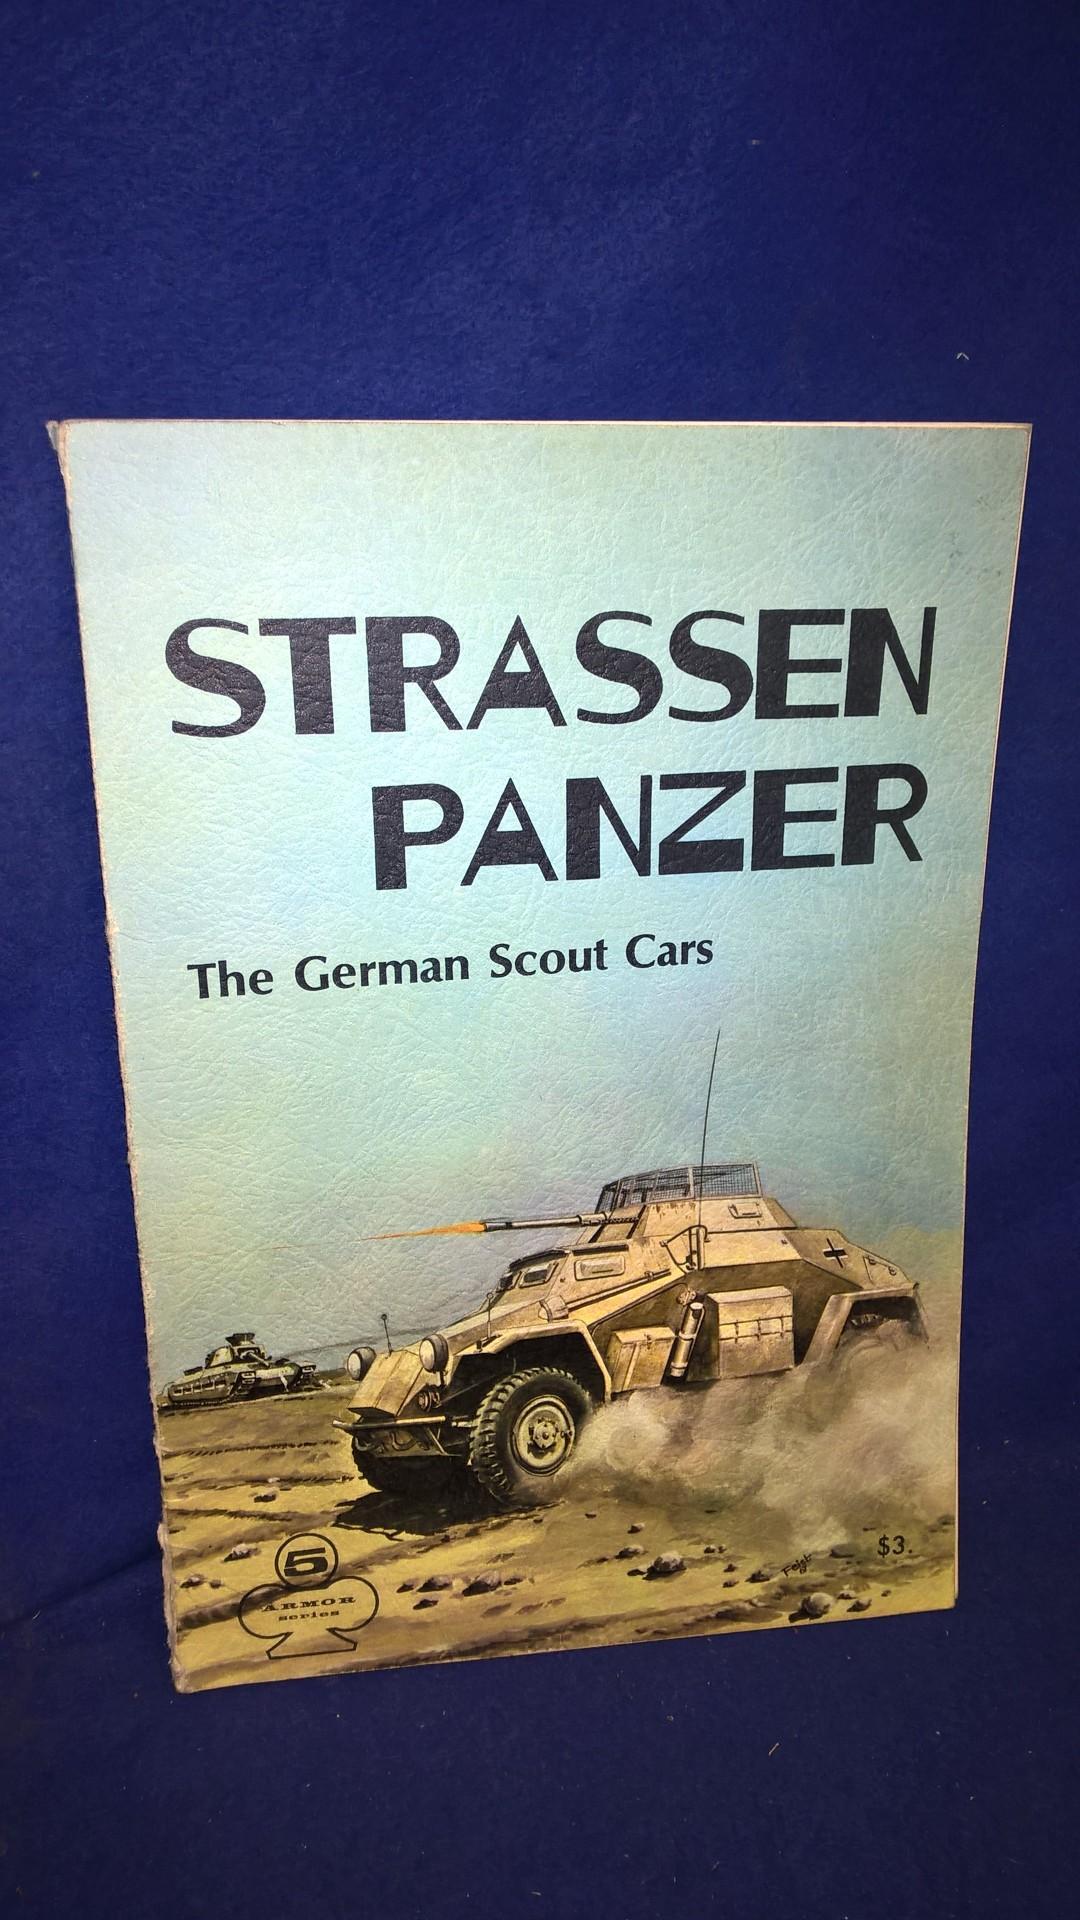 Strassenpanzer. The German Scout Cars. The Armor Series. 5. Gute Bild-/Textdokumentation über die verschiedensten deutschen Strassenpanzer, von Spielberger!